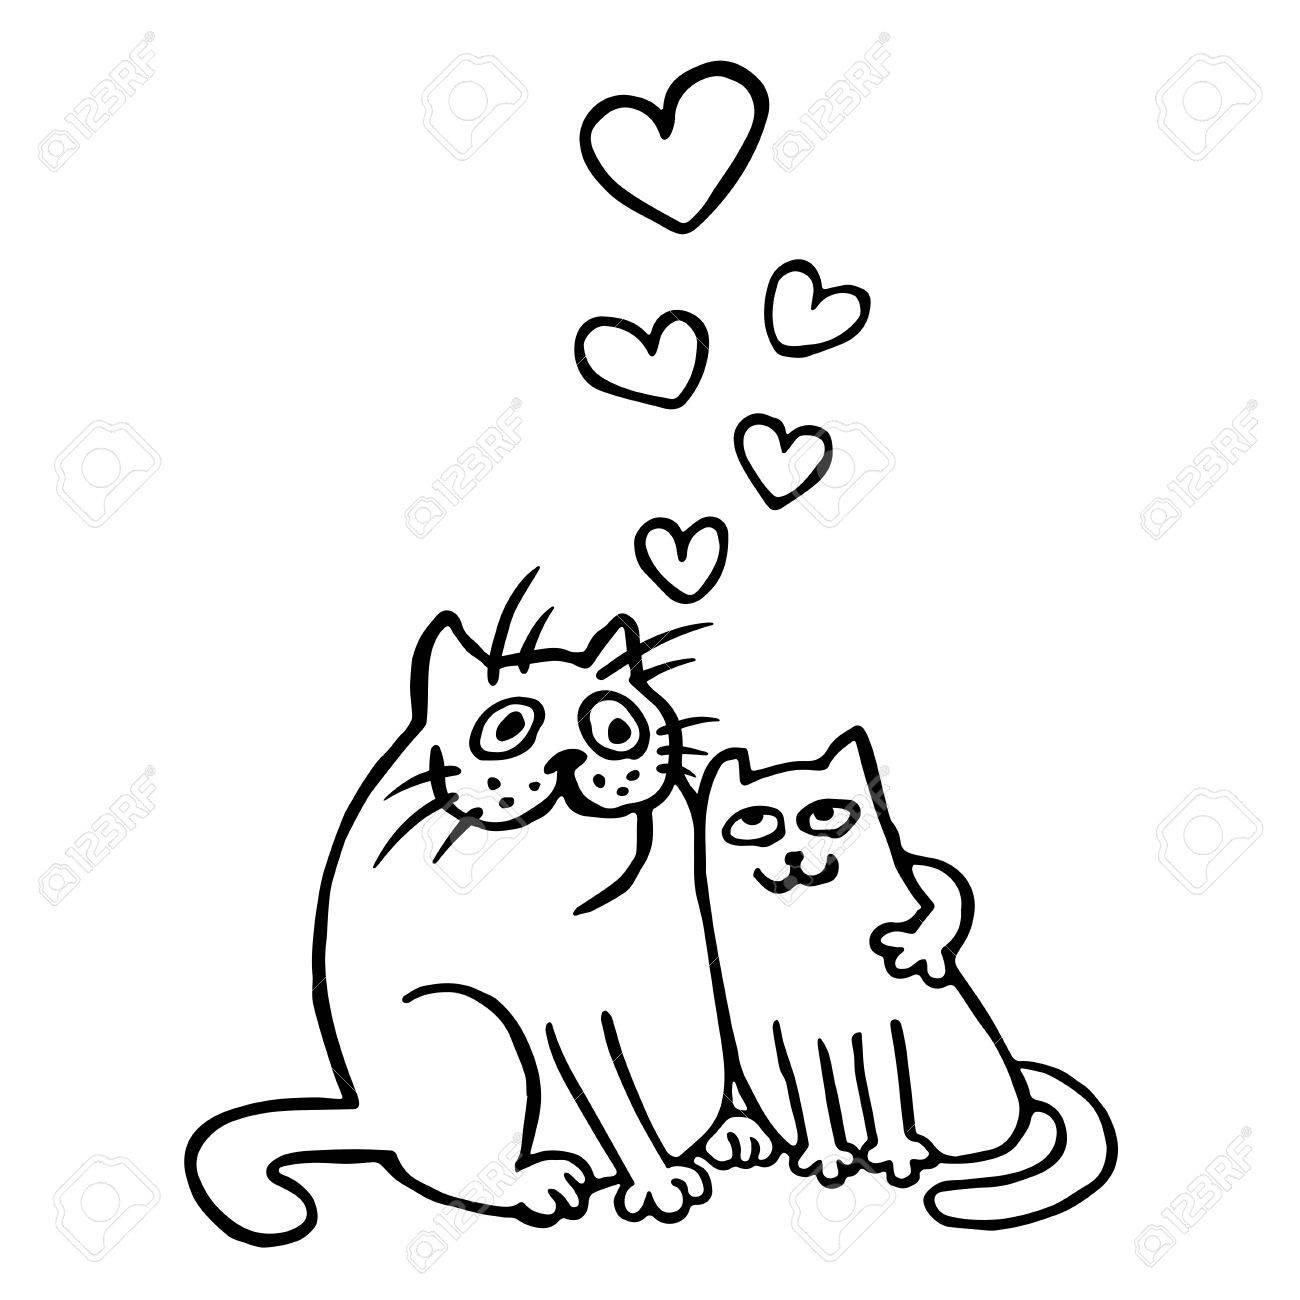 Sweet Enamored Cats En Couleurs Noir Et Blanc Humeur Romantique